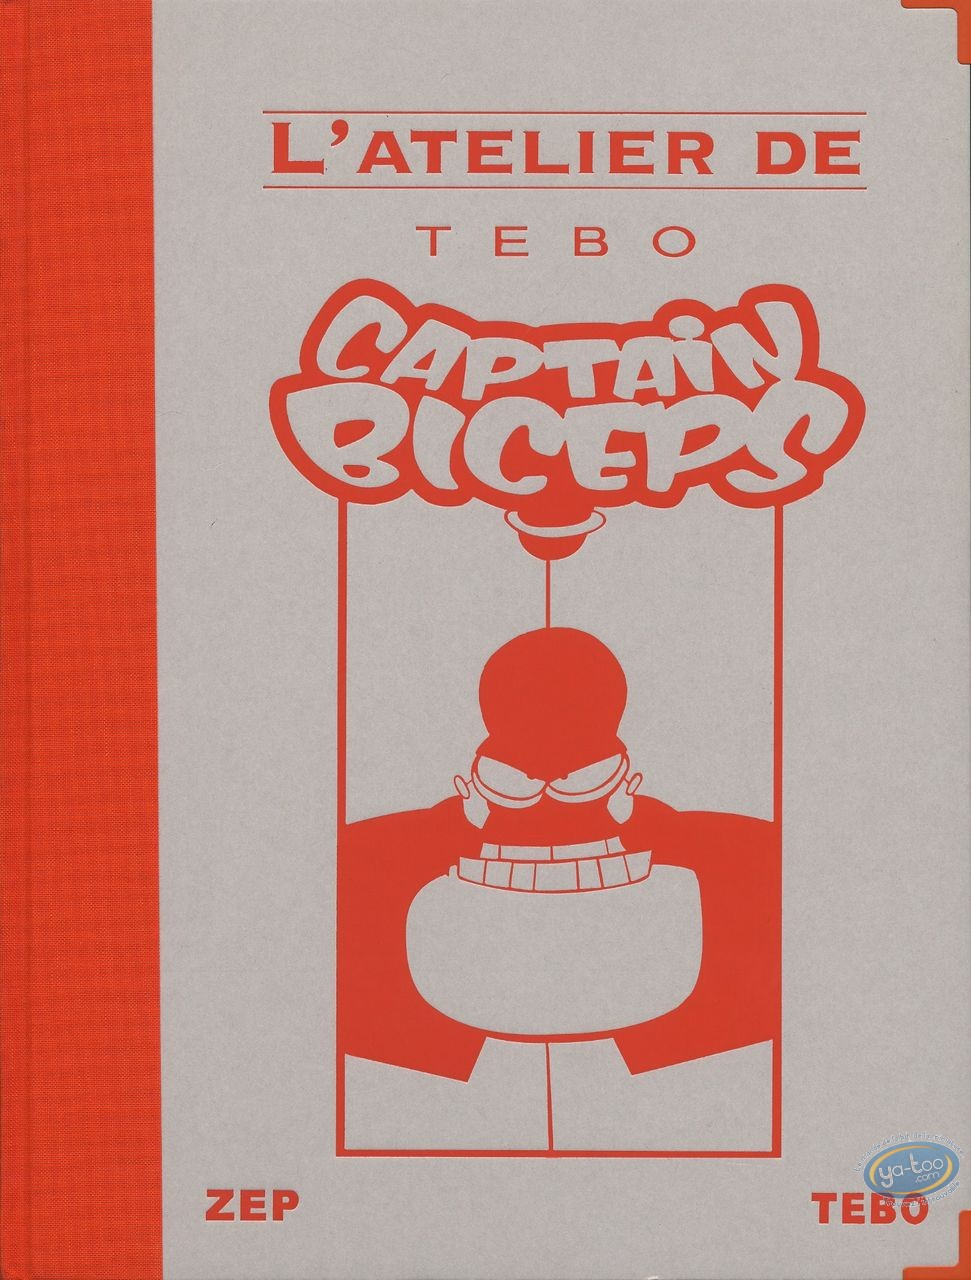 Edition spéciale, Captain Biceps : Captain Biceps